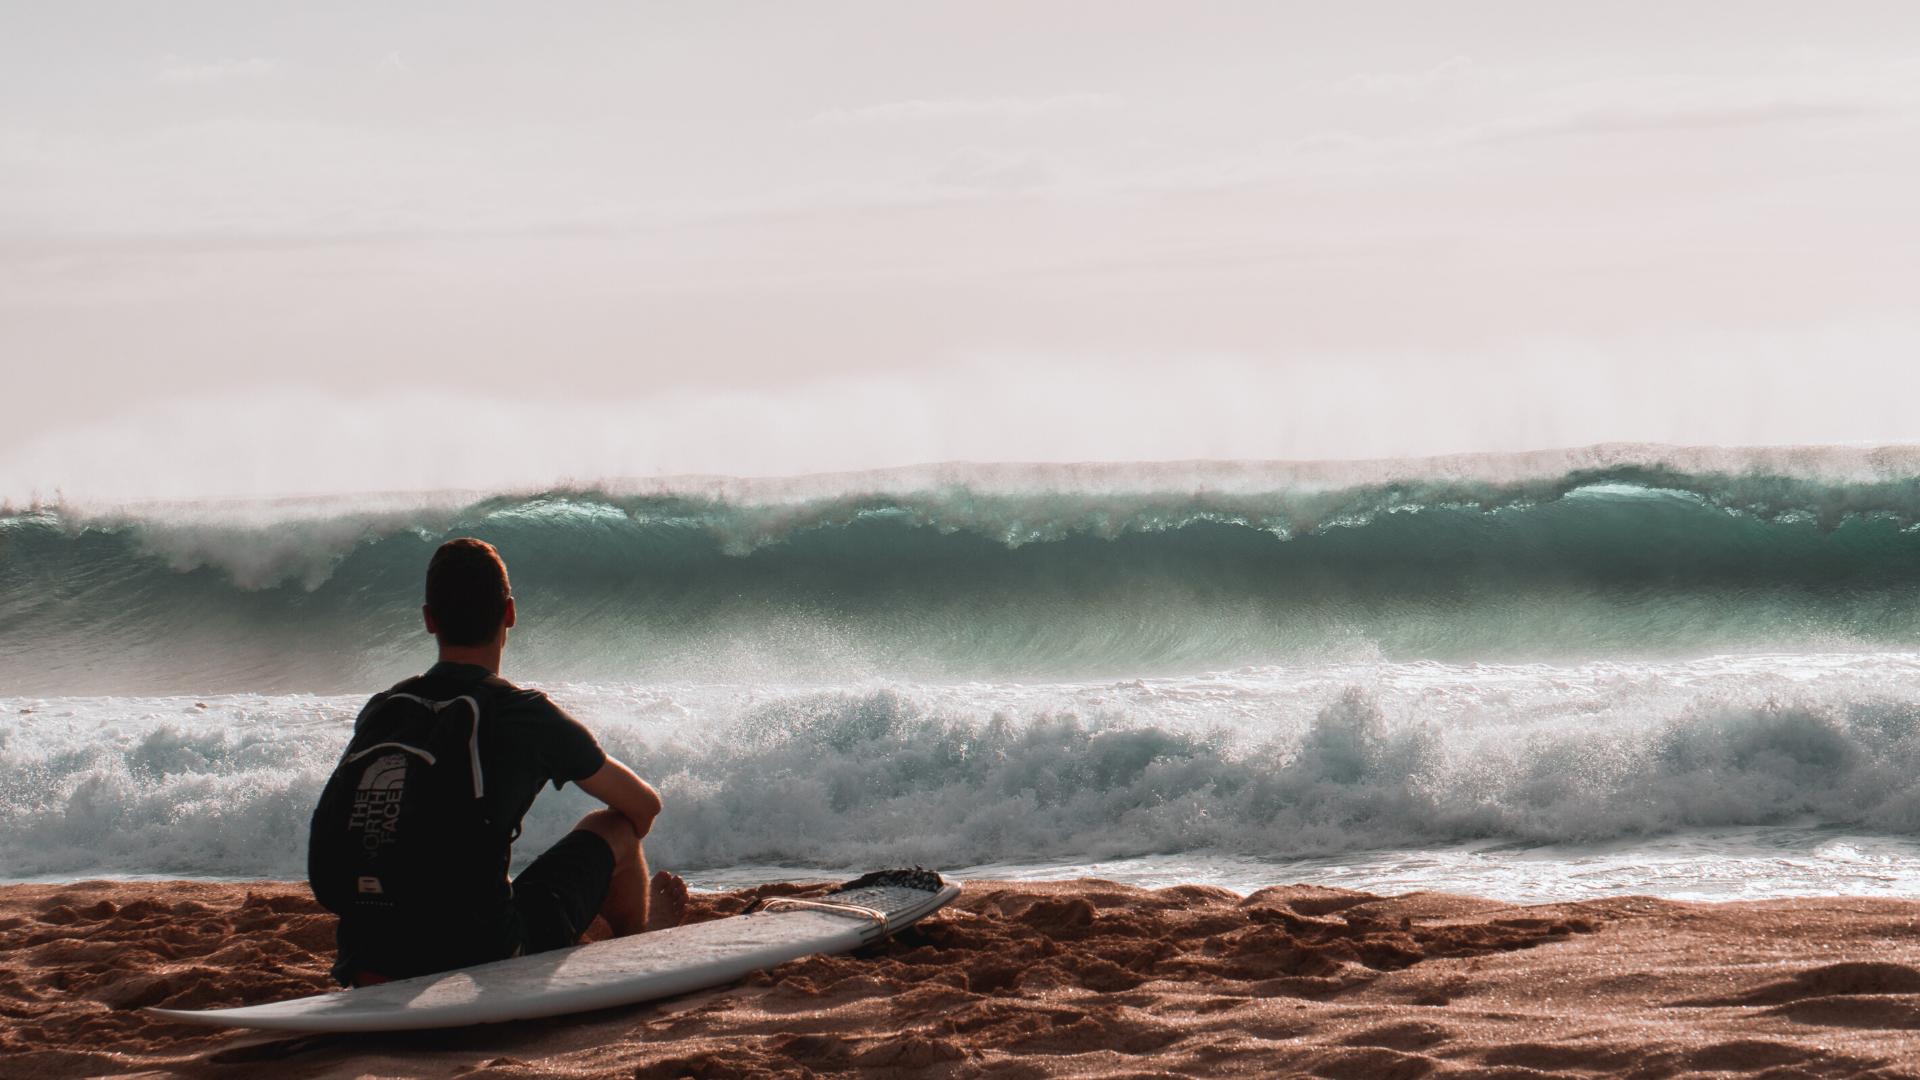 Tipps für eine gute Surf Session schneller Fortschritte machen